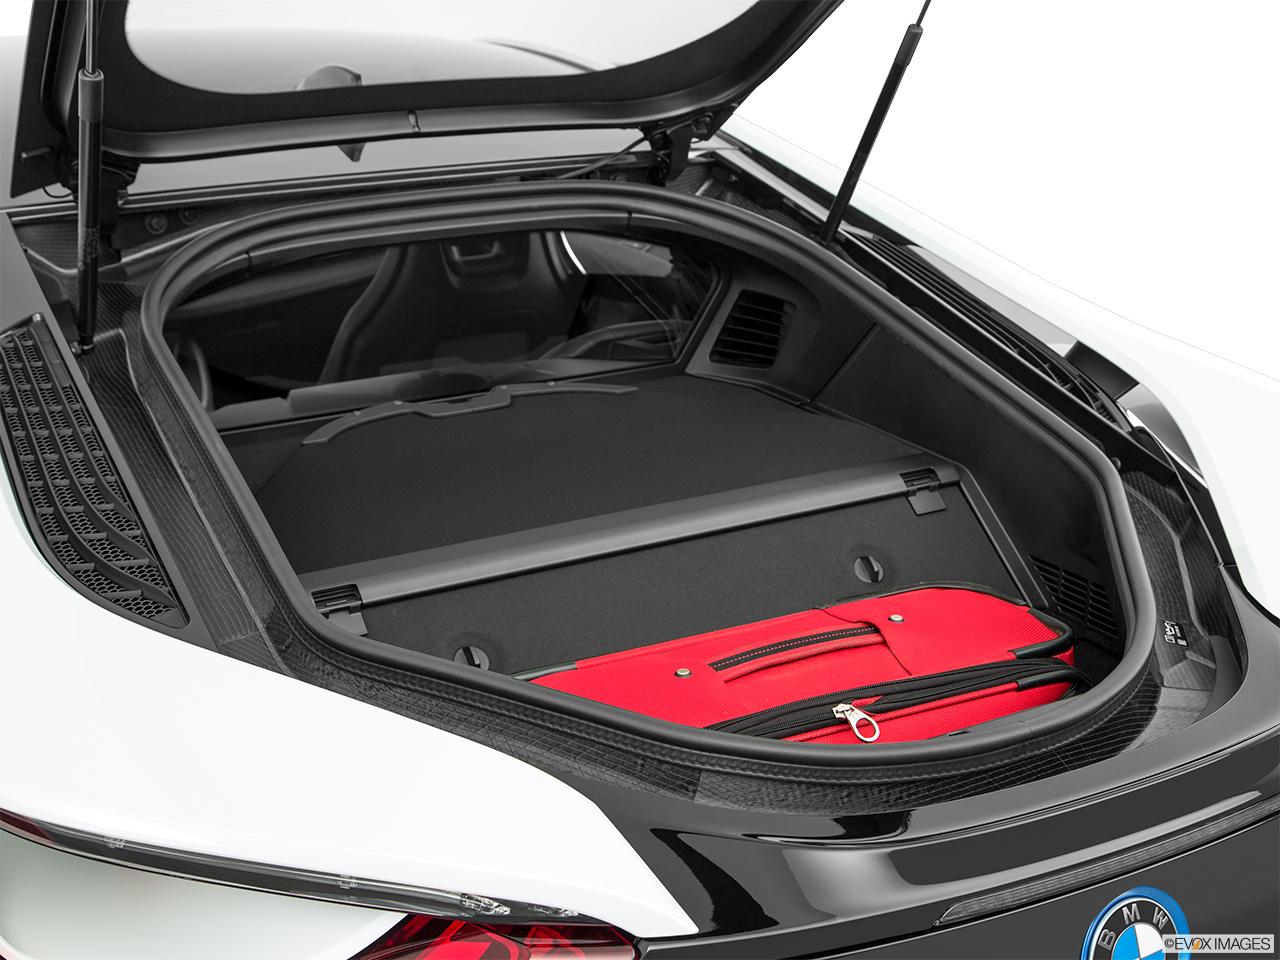 car pictures list for bmw i8 2016 plug in hybrid uae yallamotor. Black Bedroom Furniture Sets. Home Design Ideas